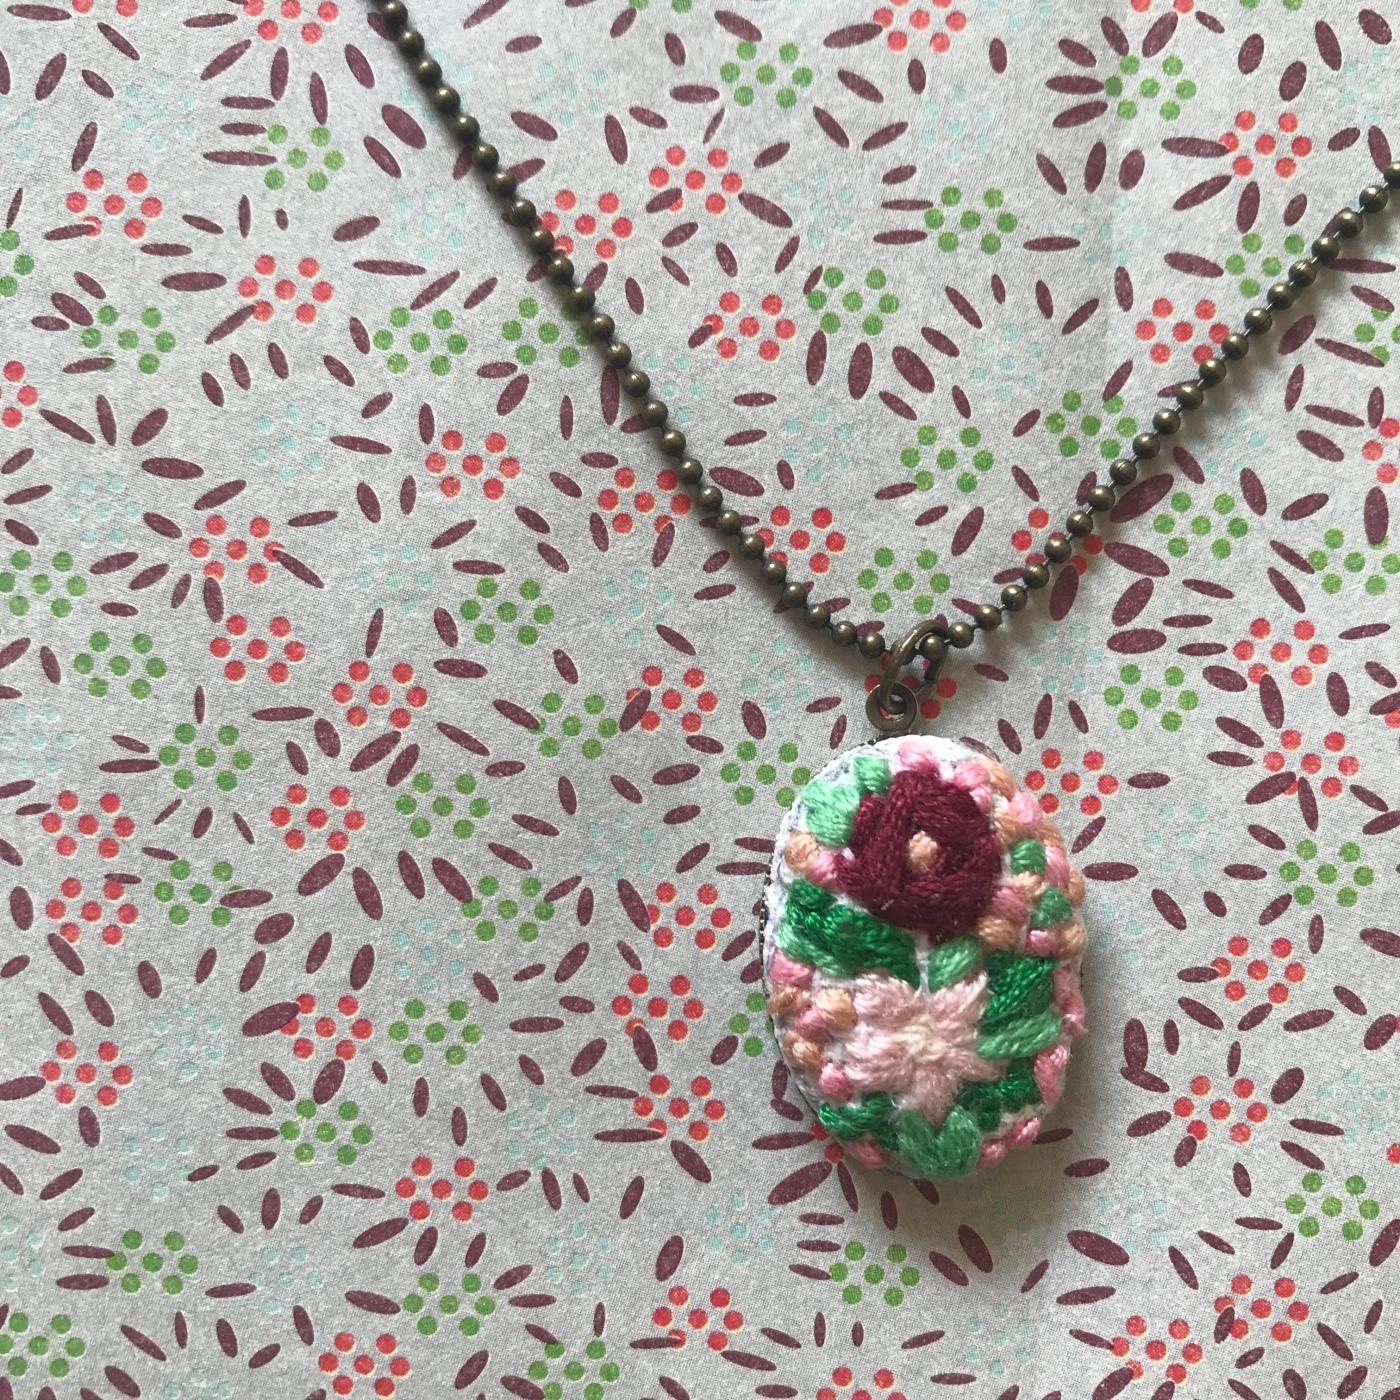 Collier brodé à l'ancienne - DIY - bricolage enfants - craft for kids - pendentif - broderie - fleurs - collier - médaillon - Image à la une